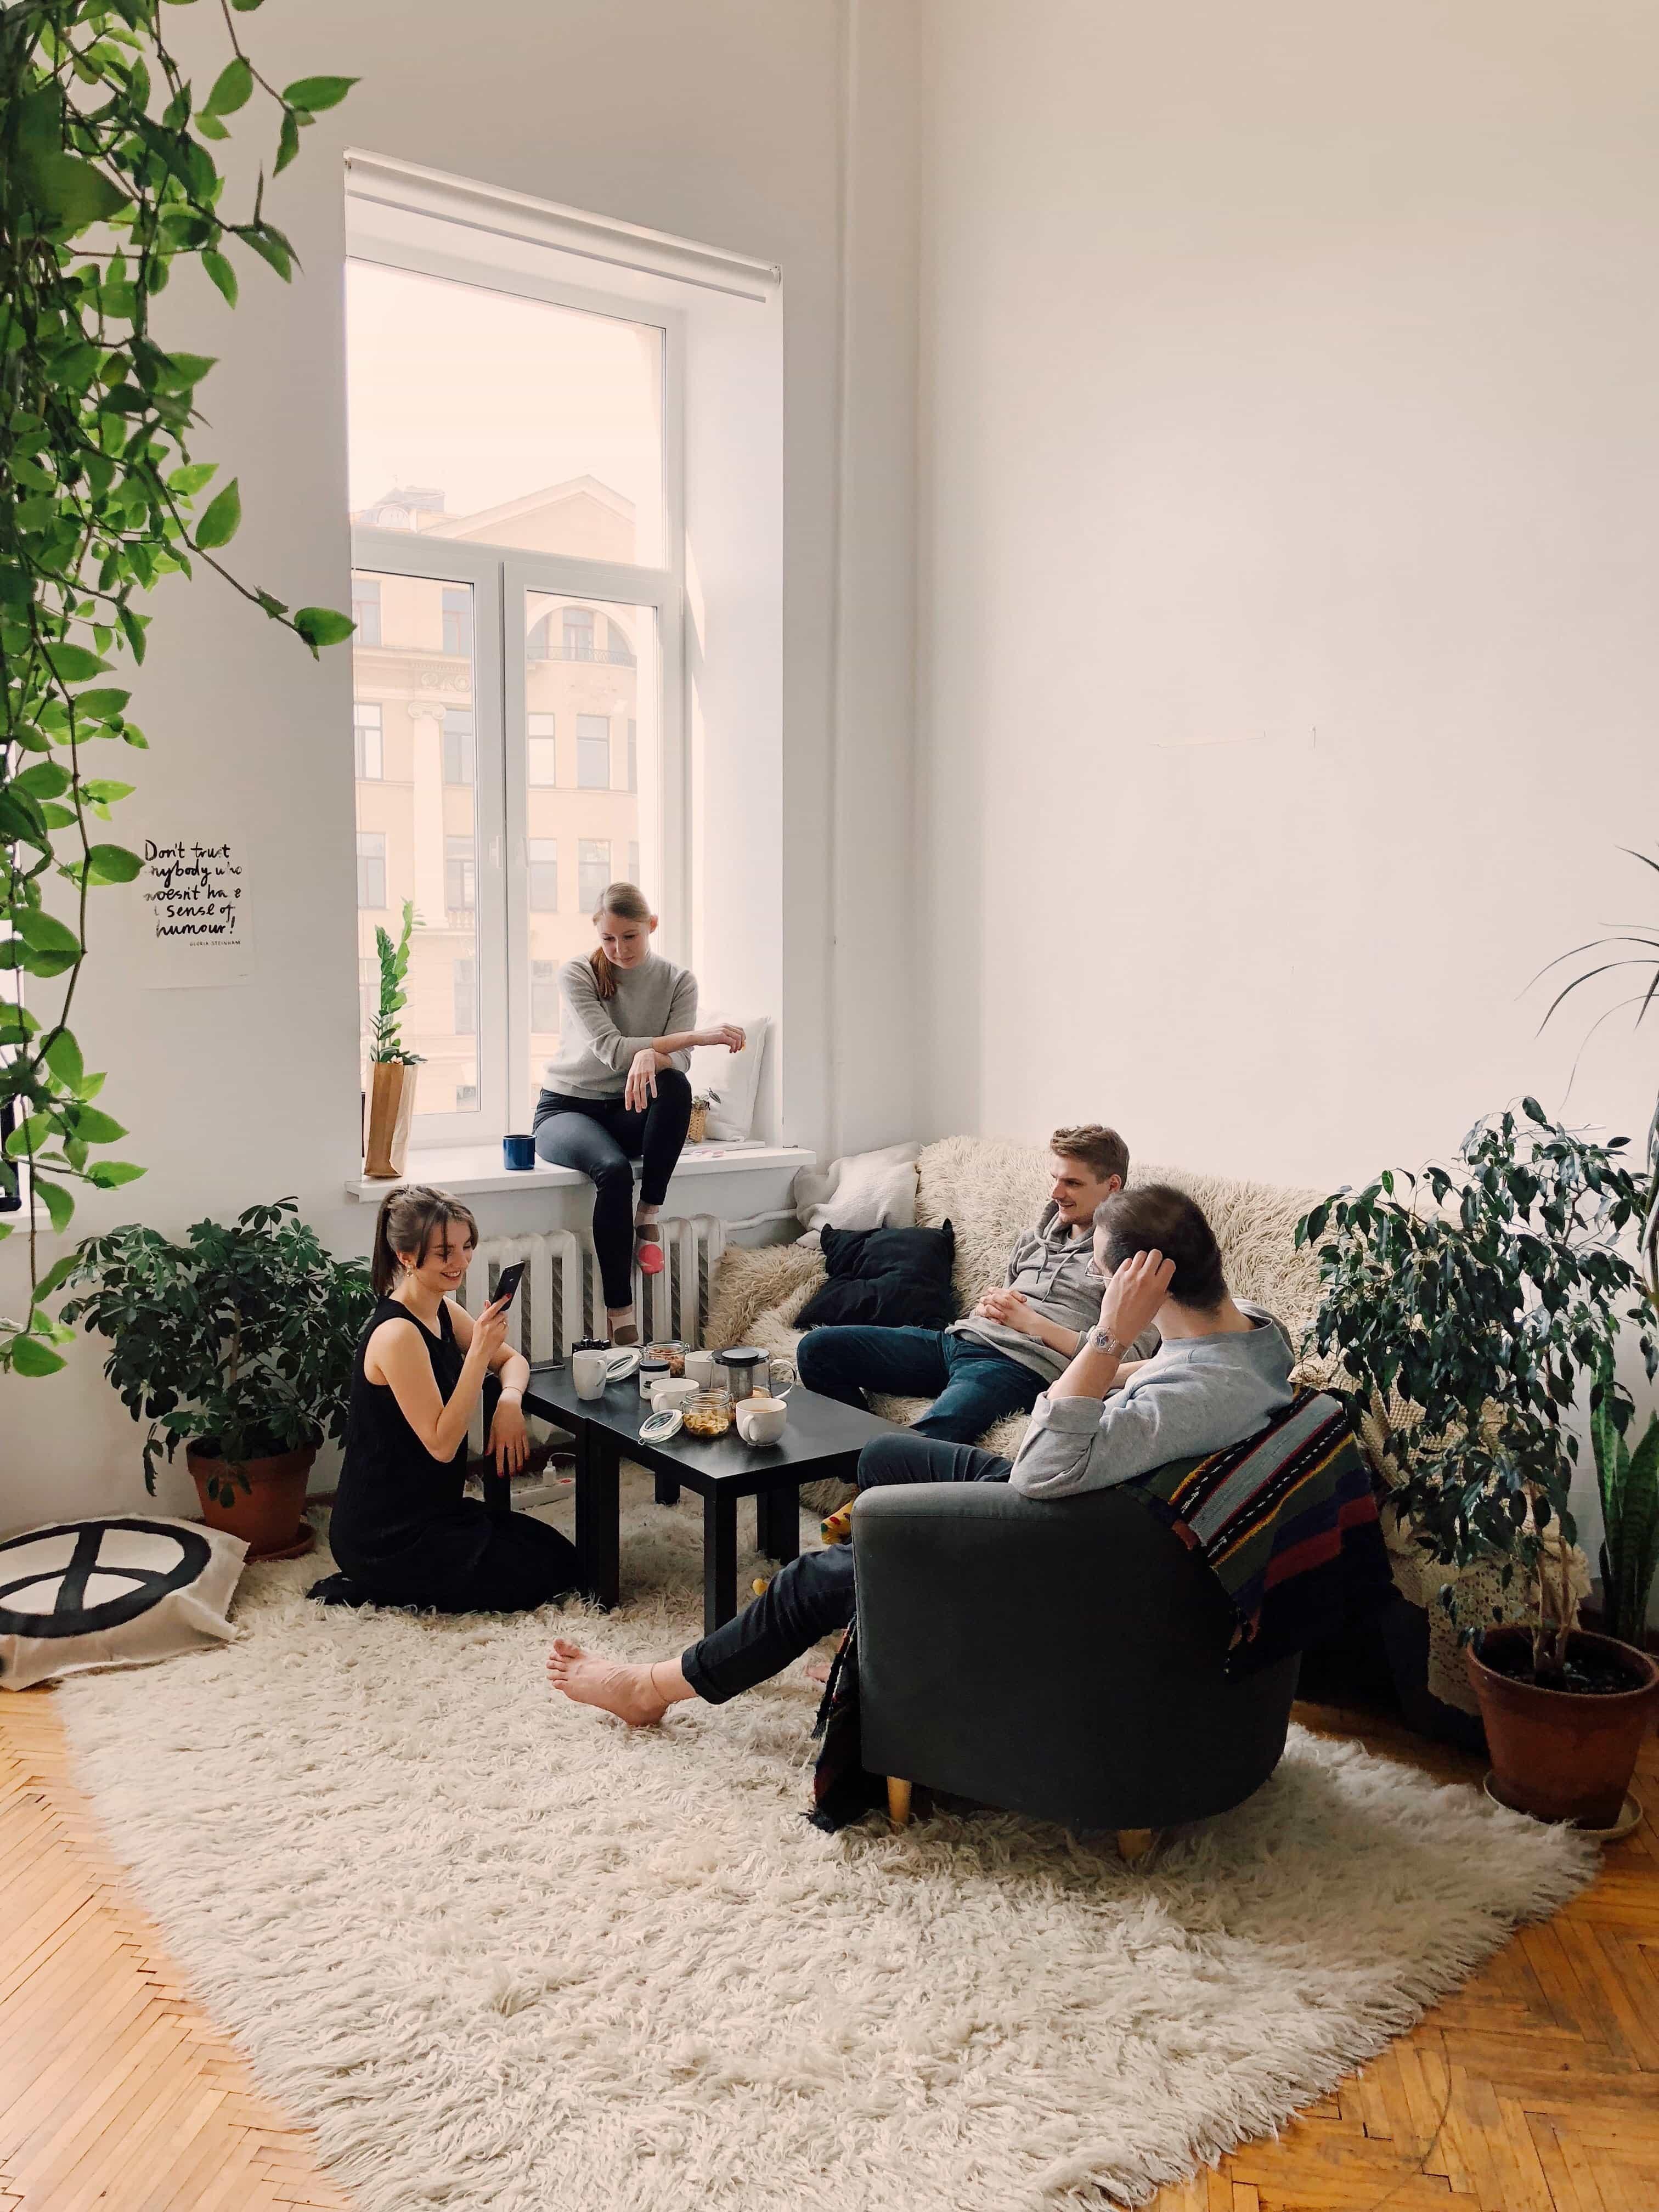 Diseña tu hogar según tus necesidades diarias